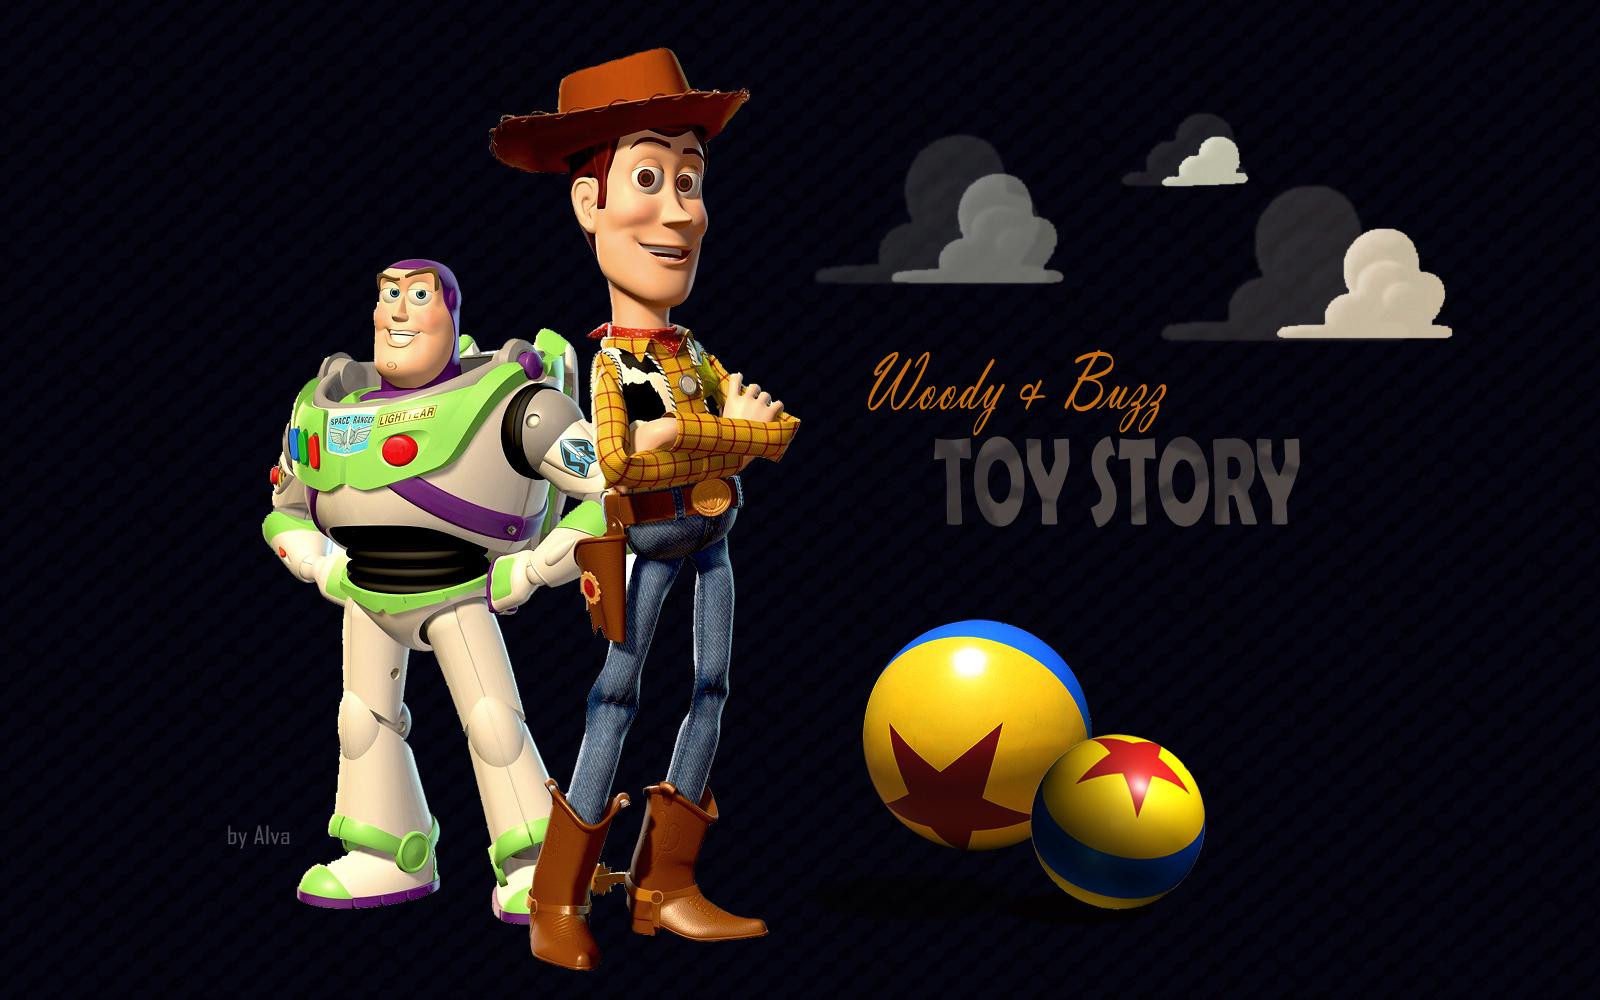 Woody wallpaper wallpapersafari - Toy story wallpaper ...